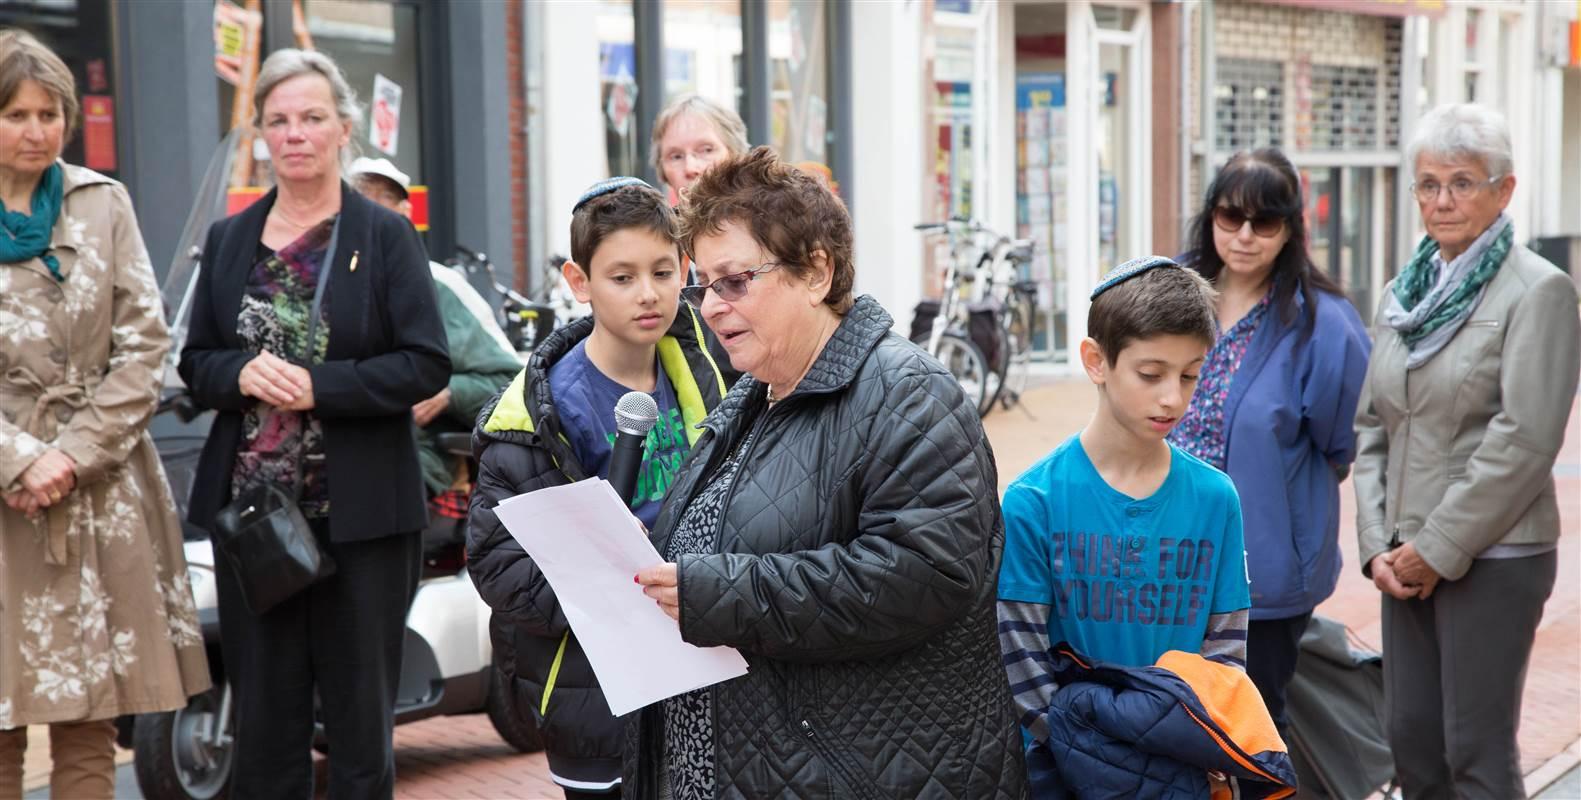 Toespraak door Sarah Katznelson-Slager aan de Oosterstraat 85 voor jaar grootmoeder Saartje Slager - Zeehandelaar en haar oom Aaron Slager